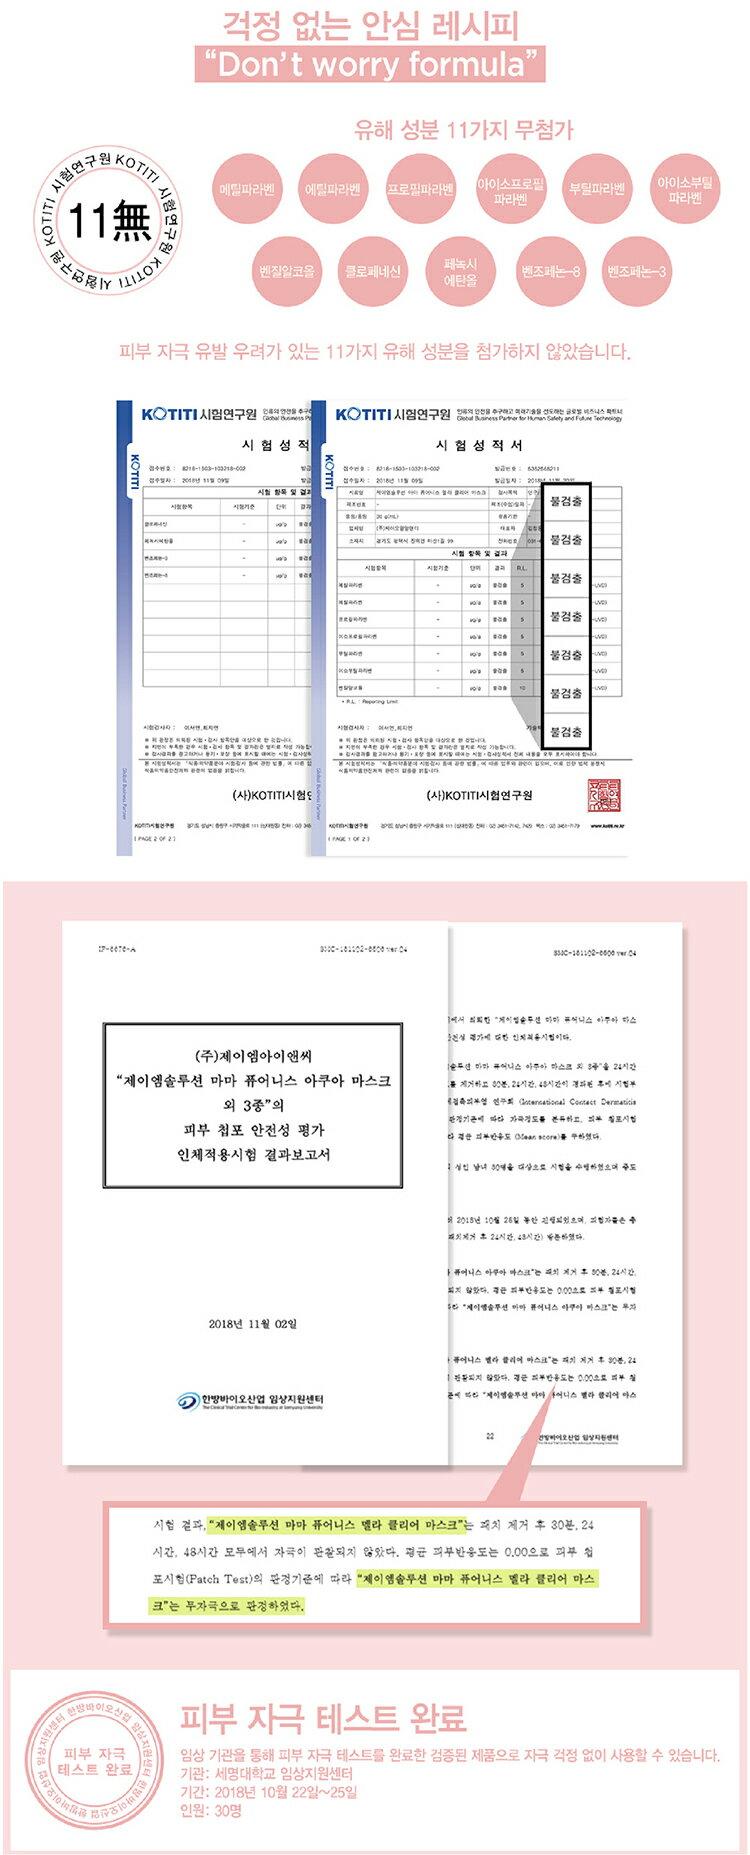 【韓國正品!嬰兒面膜 / 單片】JM solution 寶寶面膜 韓國 純淨面膜 面膜 korea 7